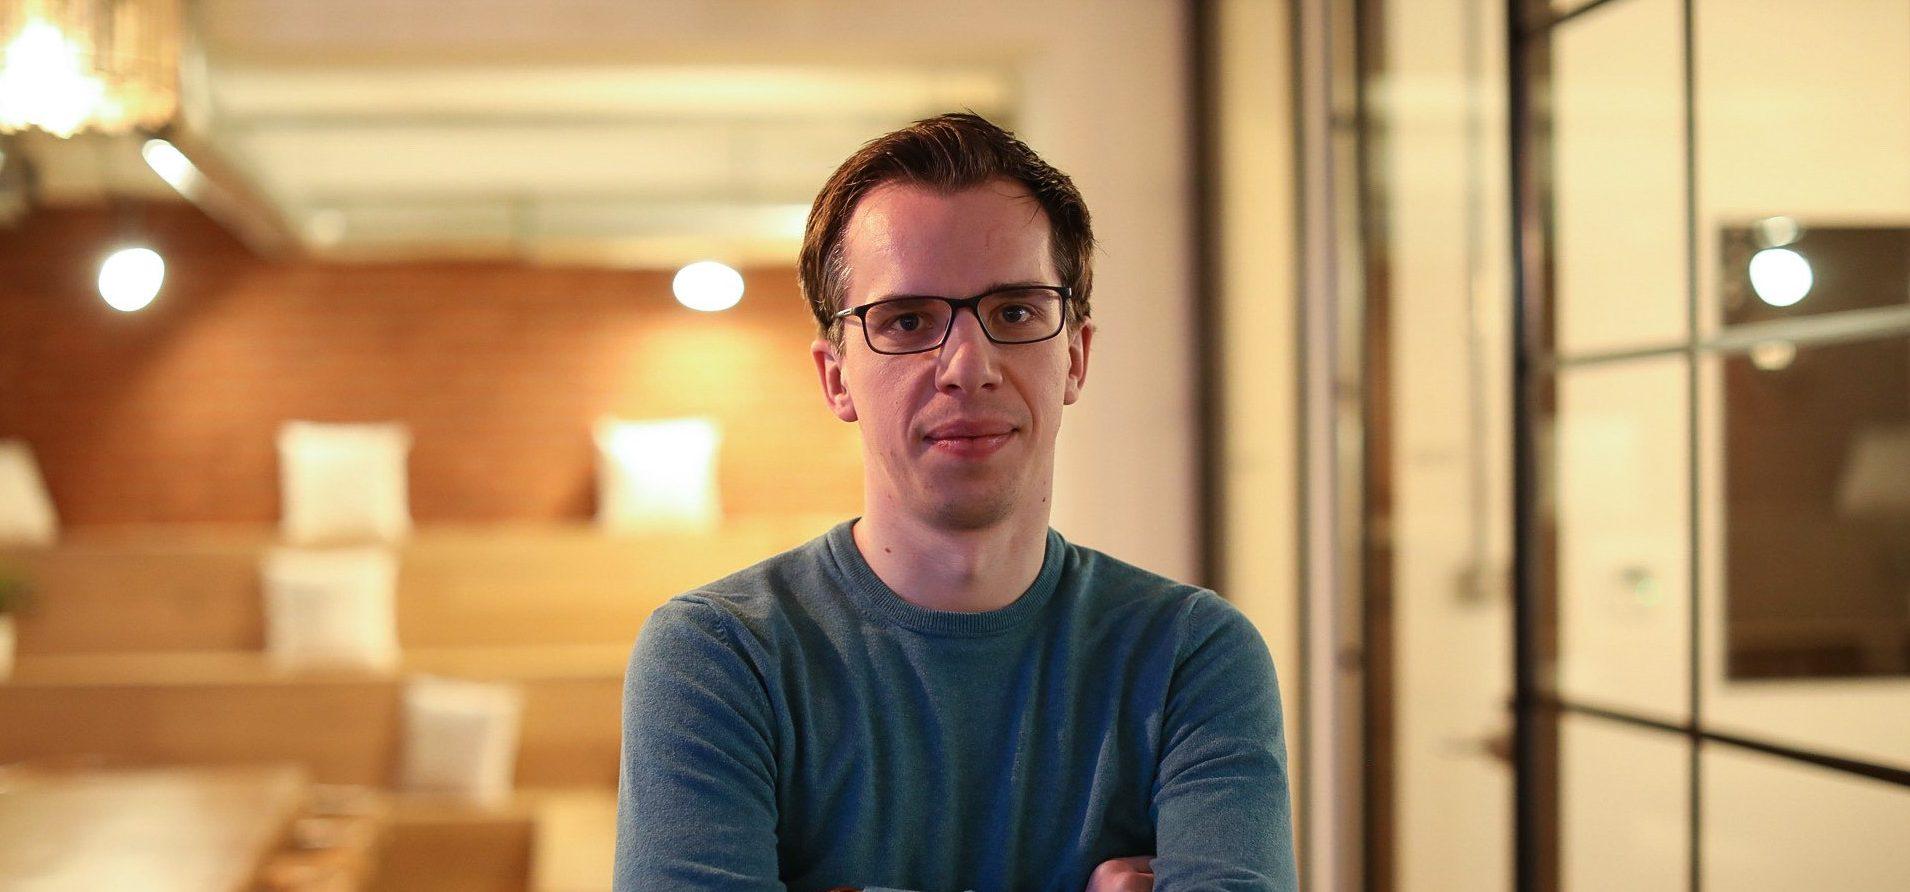 Luke Verbeek | Founder & CEO of Homefans